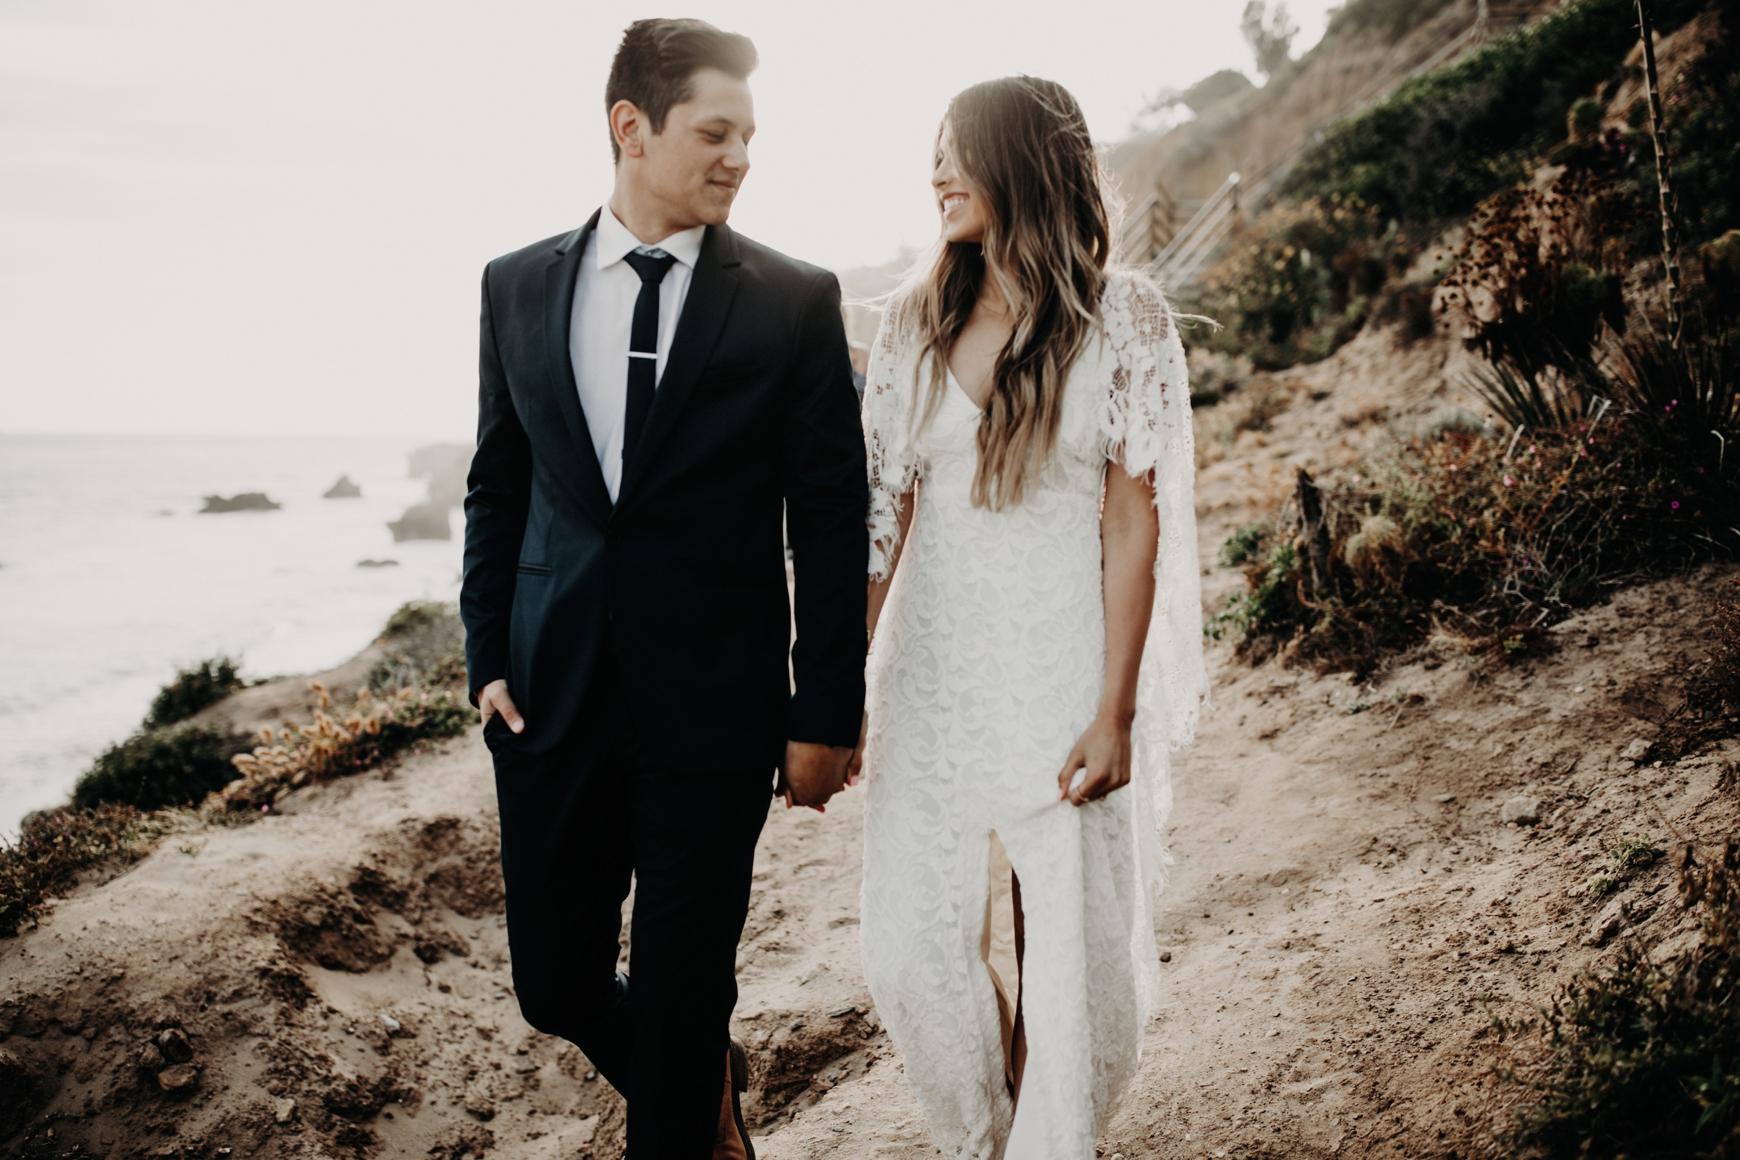 El Matador Beach Bridal Portraits Justellen & TJ Emily Magers Photography-184Emily Magers Photography.jpg